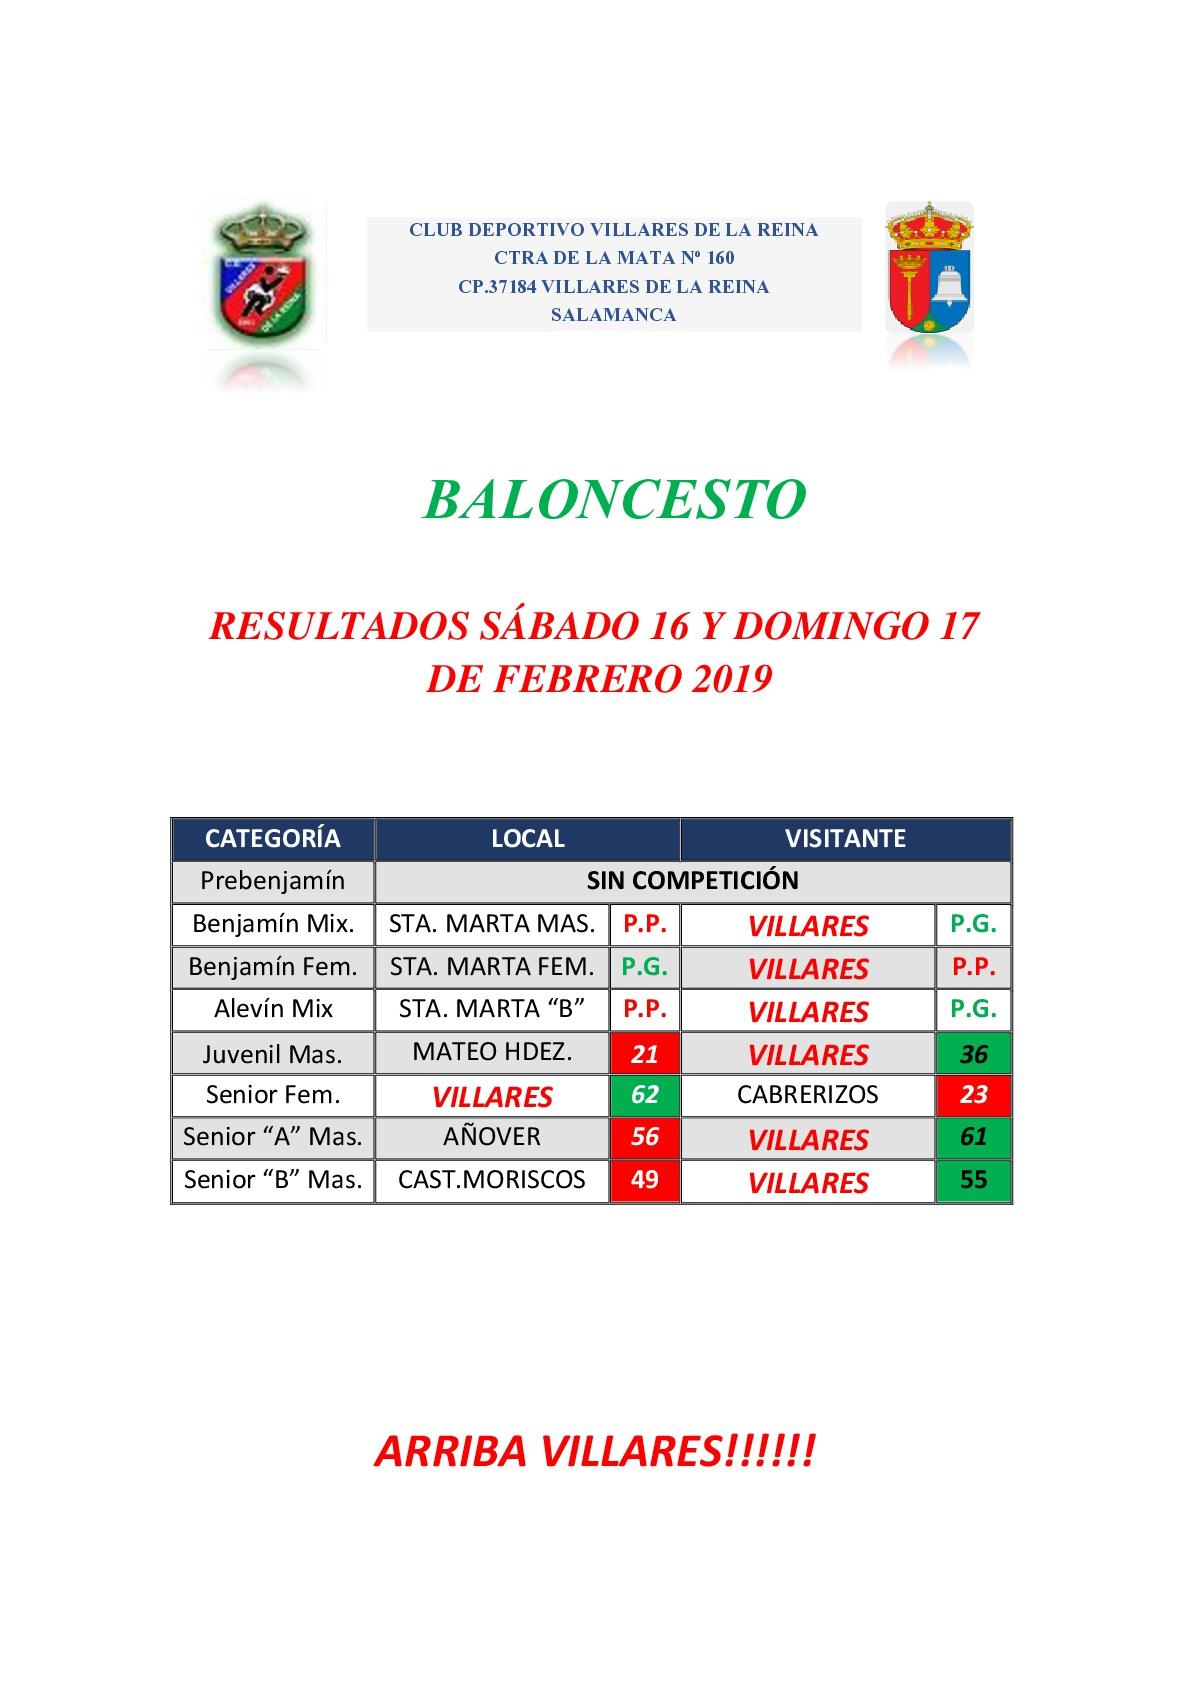 RESULTADOS DE BALONCESTO S�BADO 16 Y DOMINGO 17 DE FEBRERO